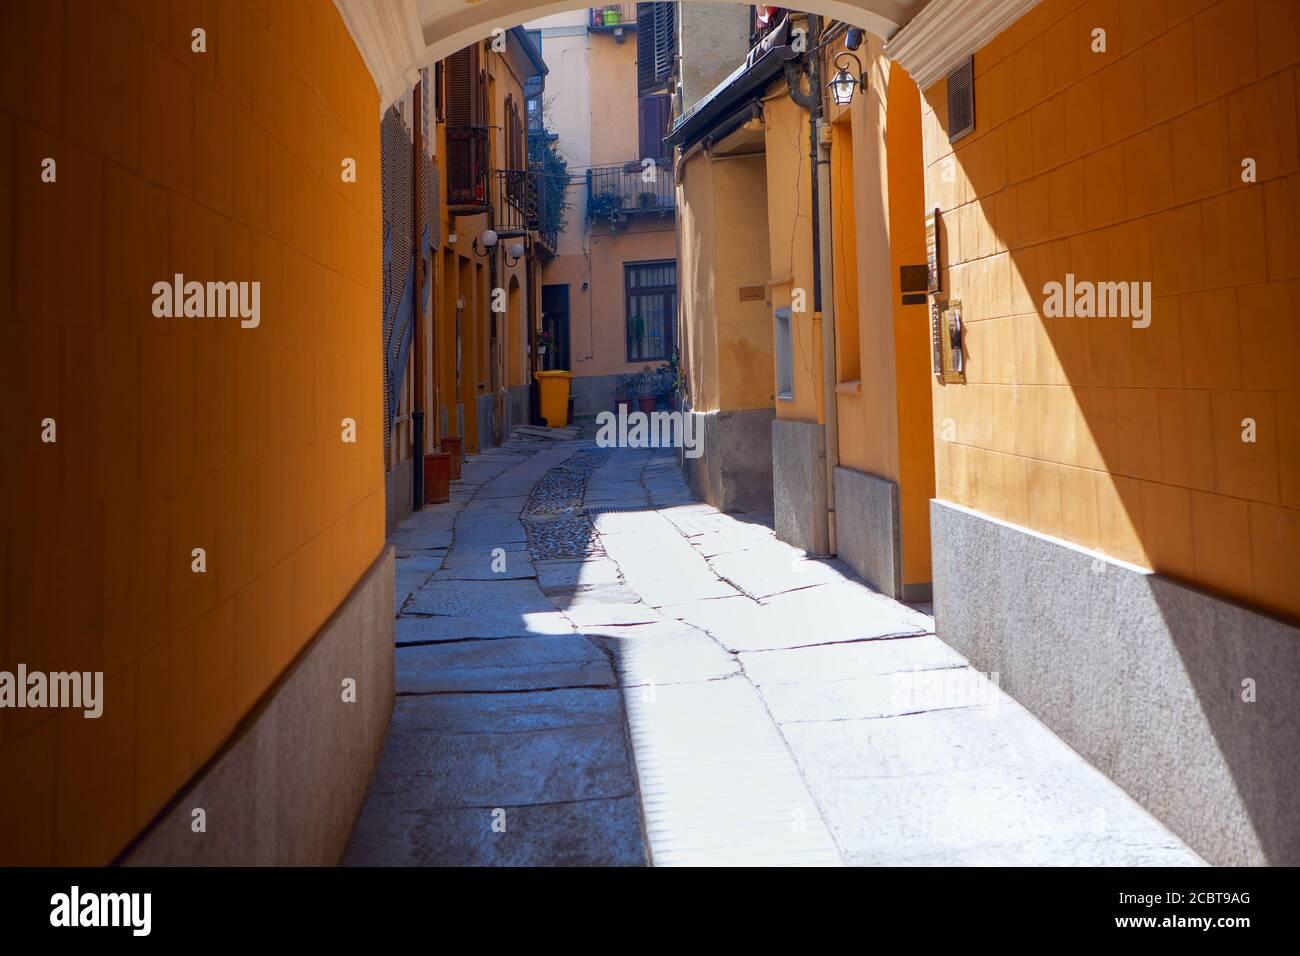 Calle estrecha arcada en Italia. Pavimento en la vieja ciudad italiana Foto de stock